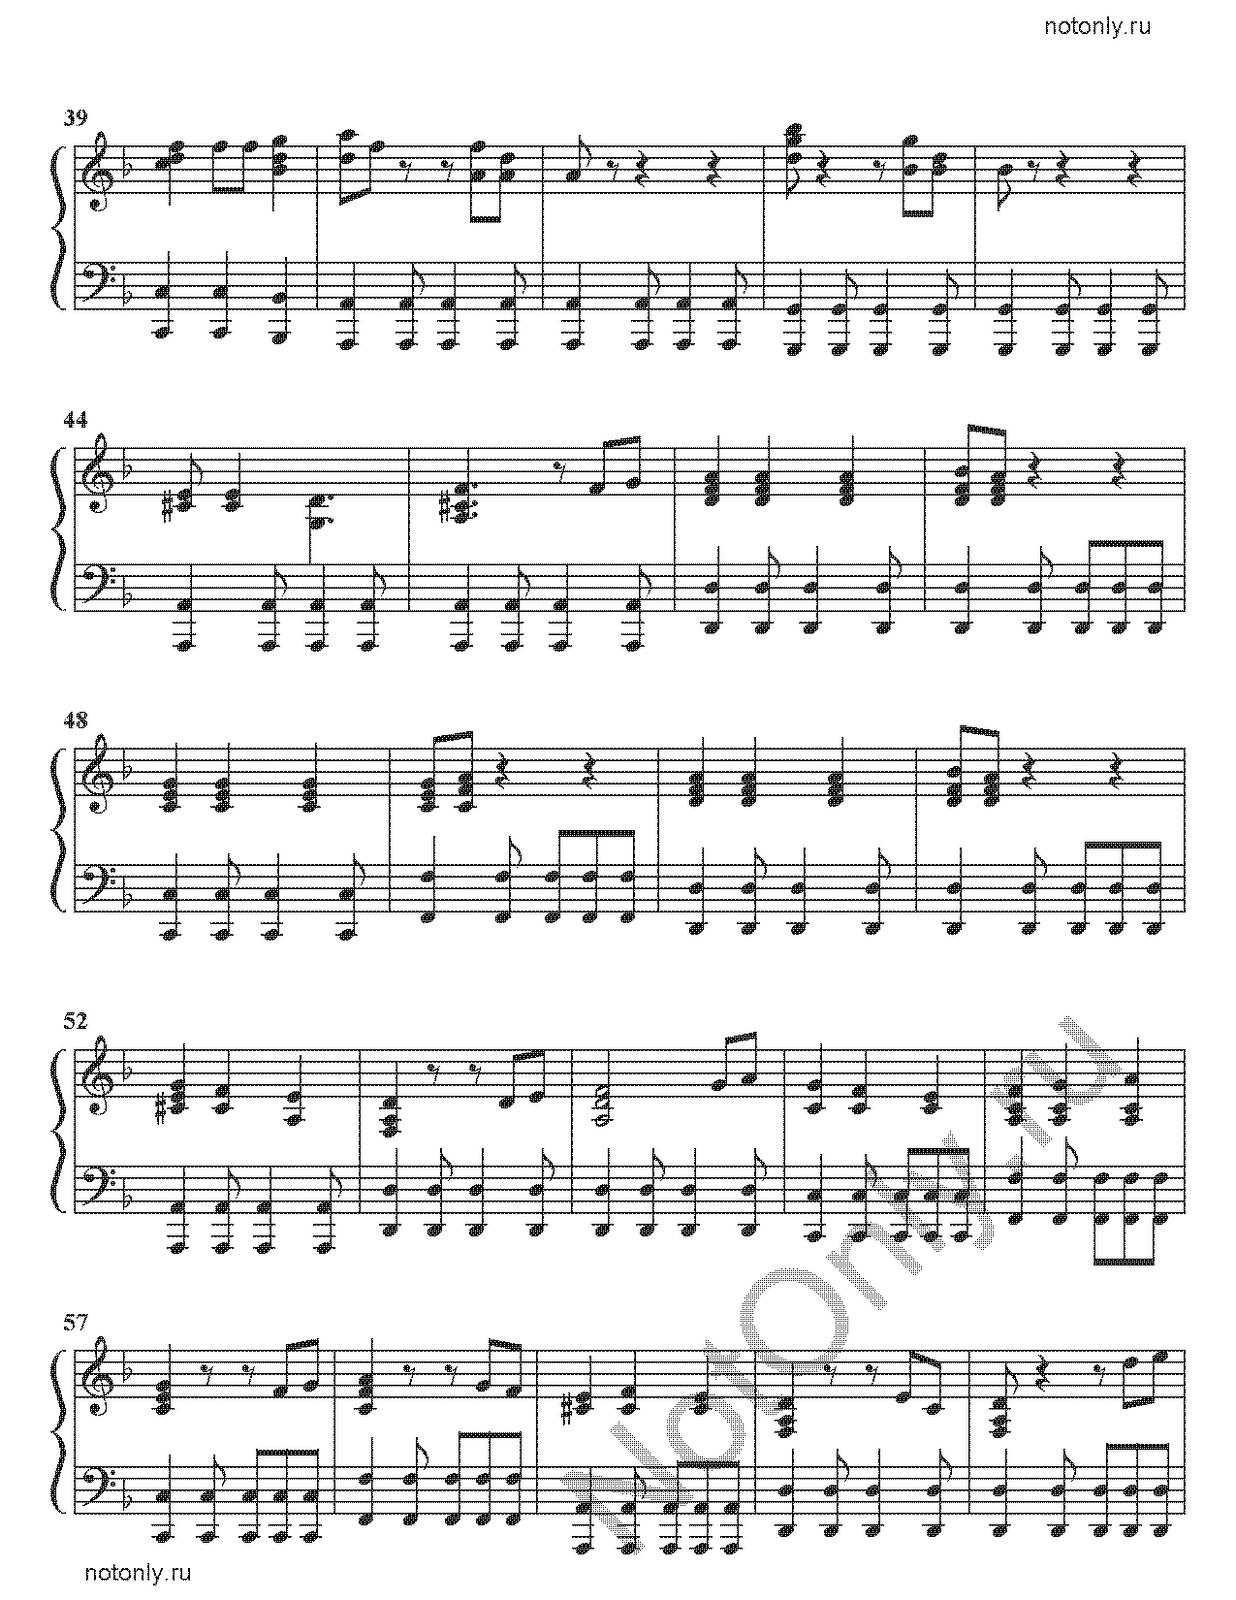 Пираты карибского моря ноты для фортепиано сложная